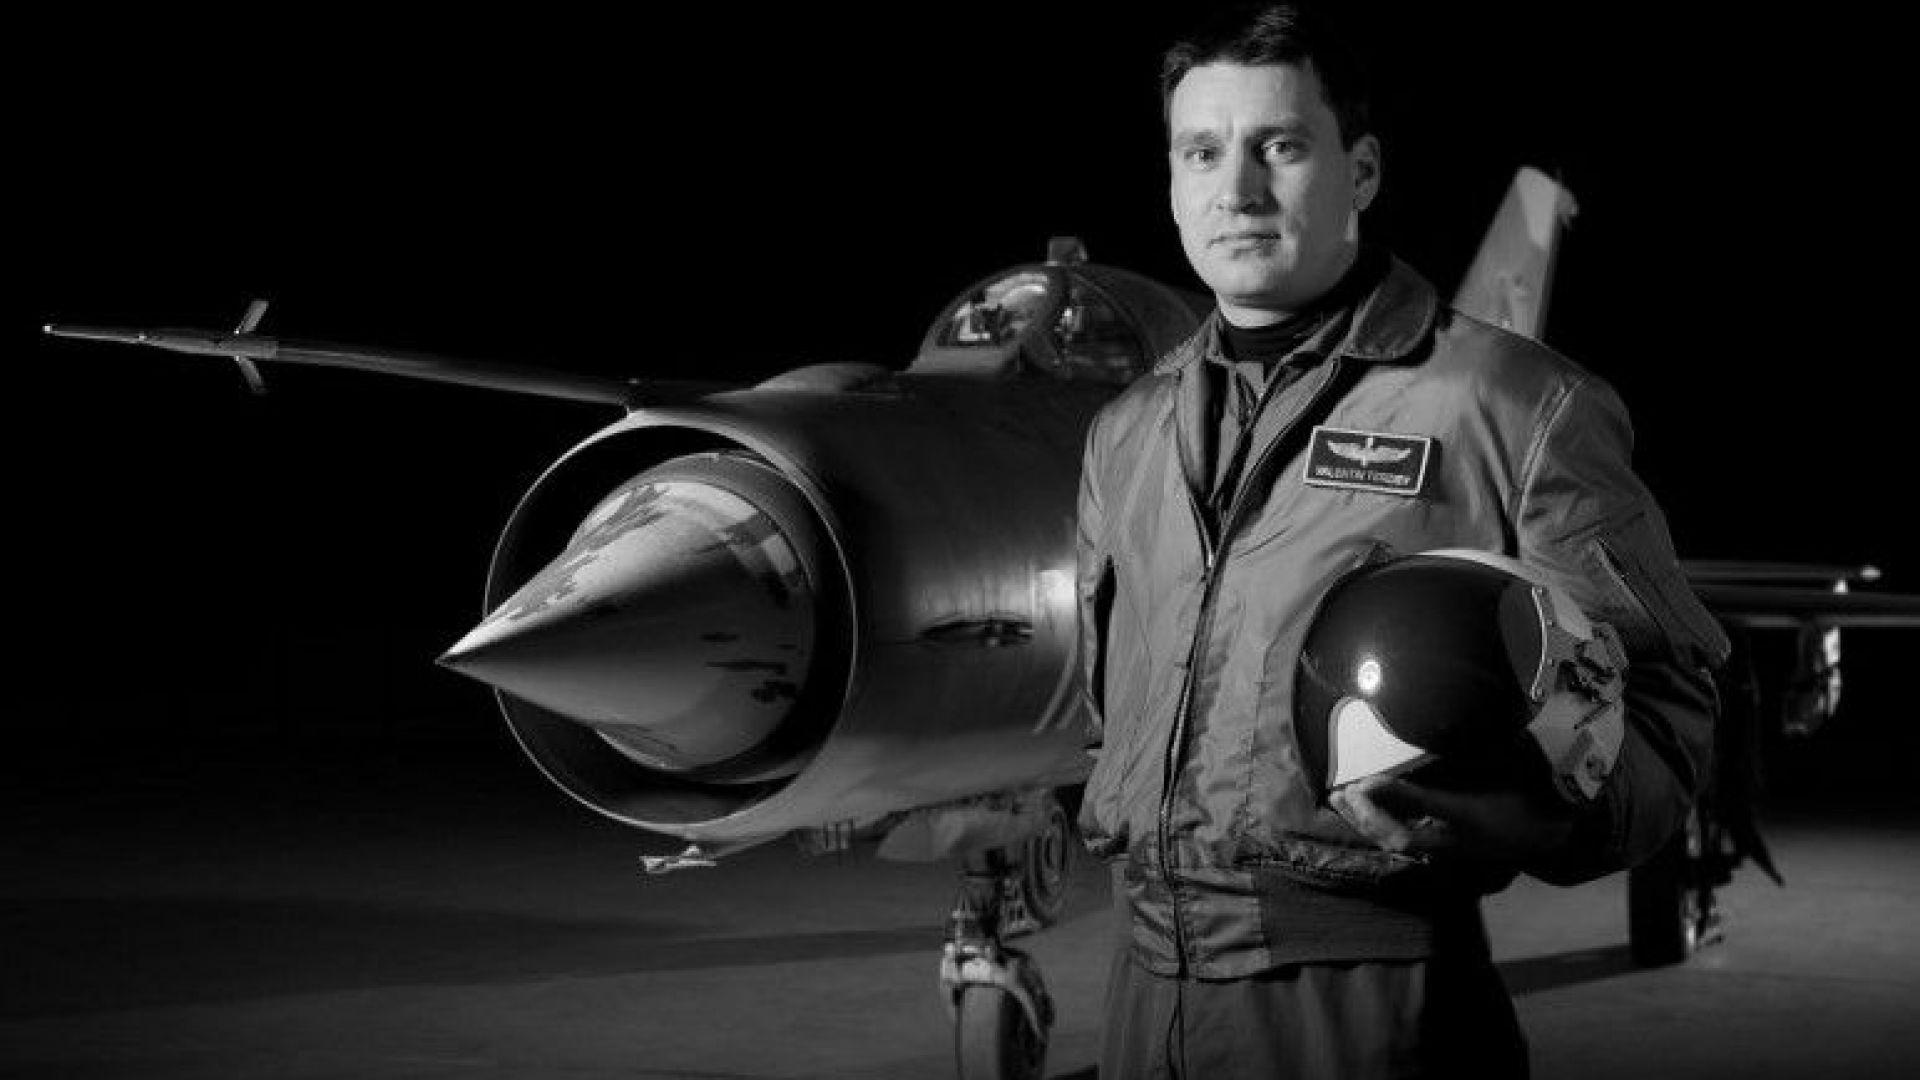 С военен ритуал в последния му път бе изпратен пилотът Валентин Терзиев